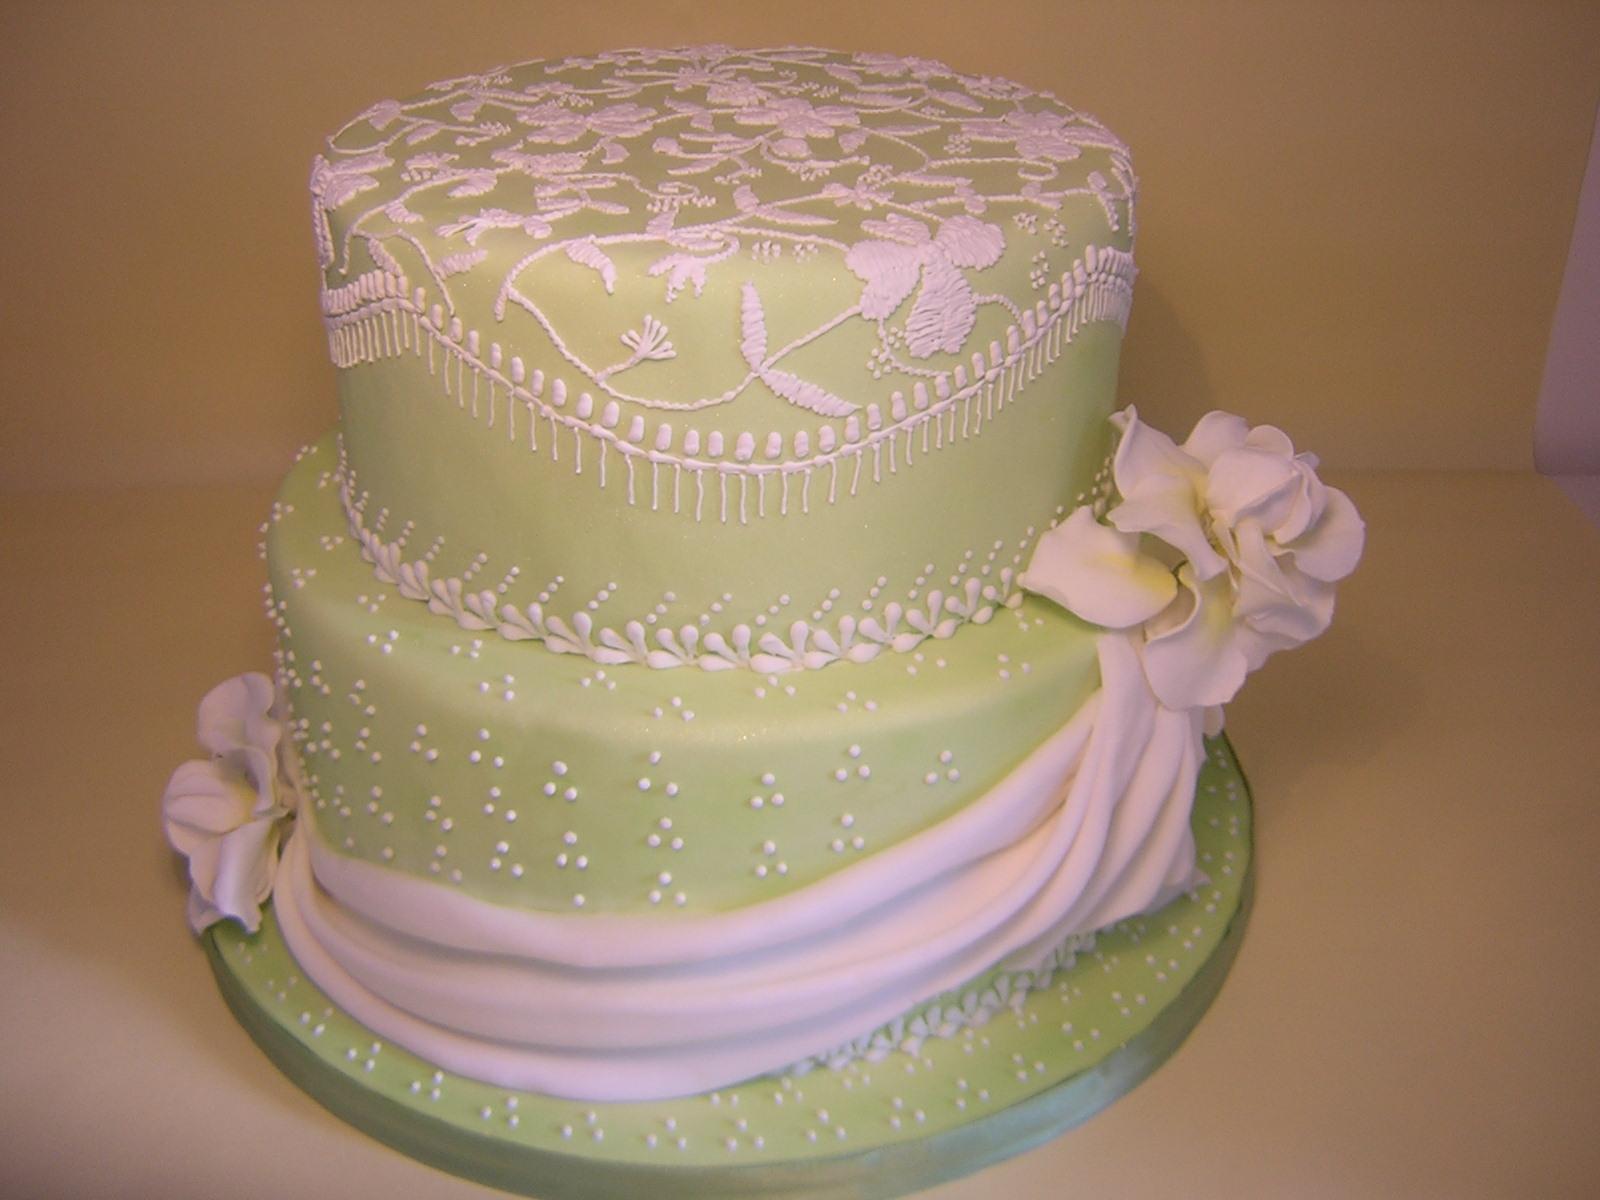 Le torte creative di Claudia Prati: Torta per Cake Design ...